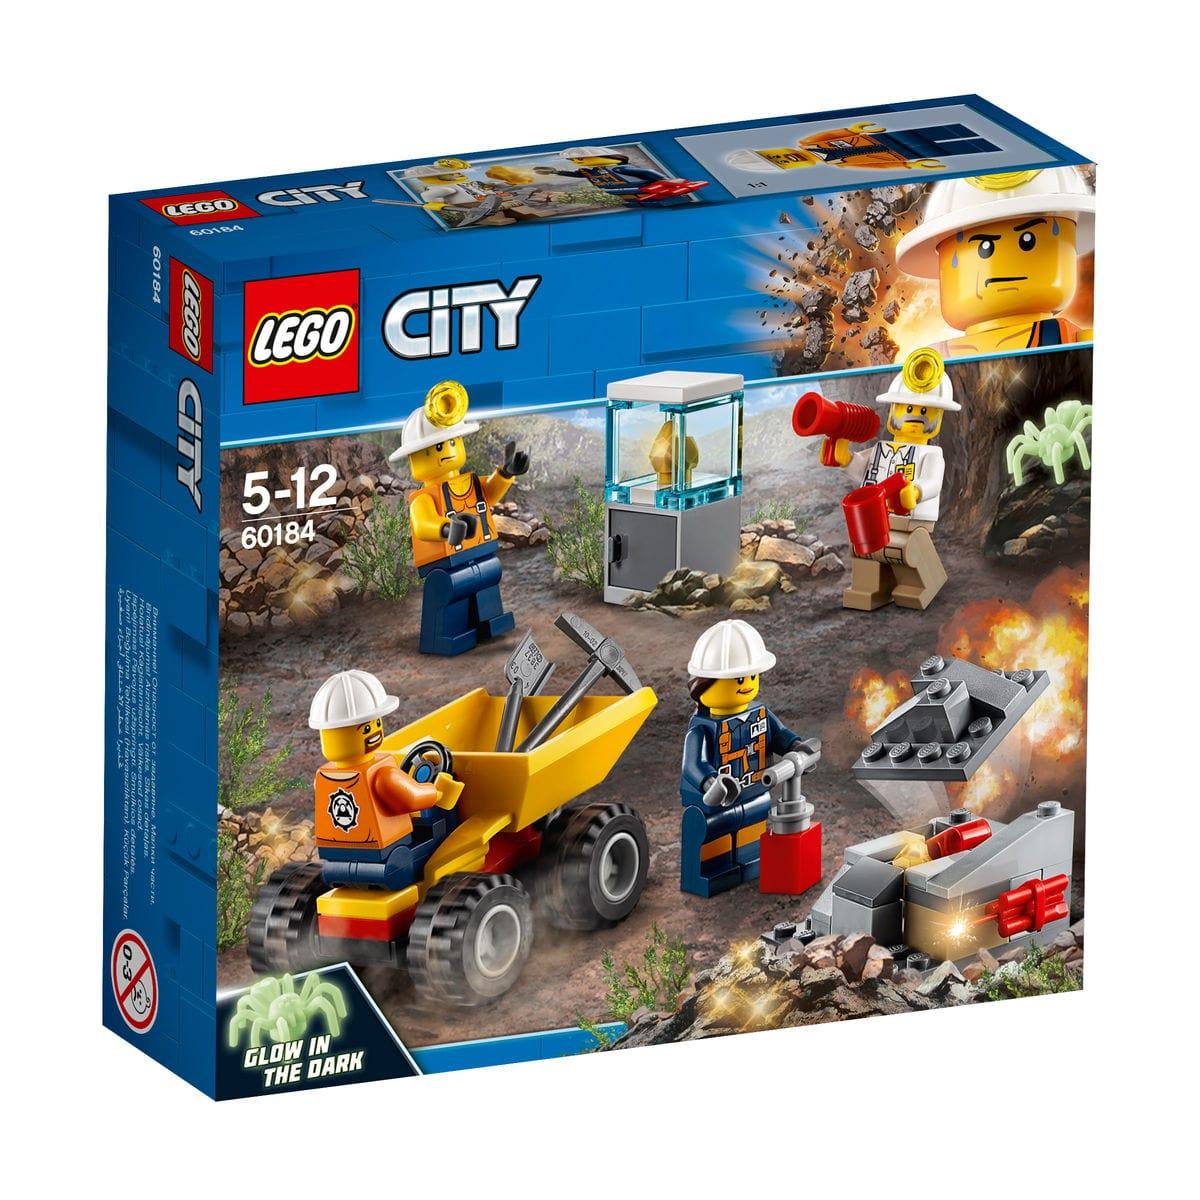 Lego City 60184 Team Della Miniera